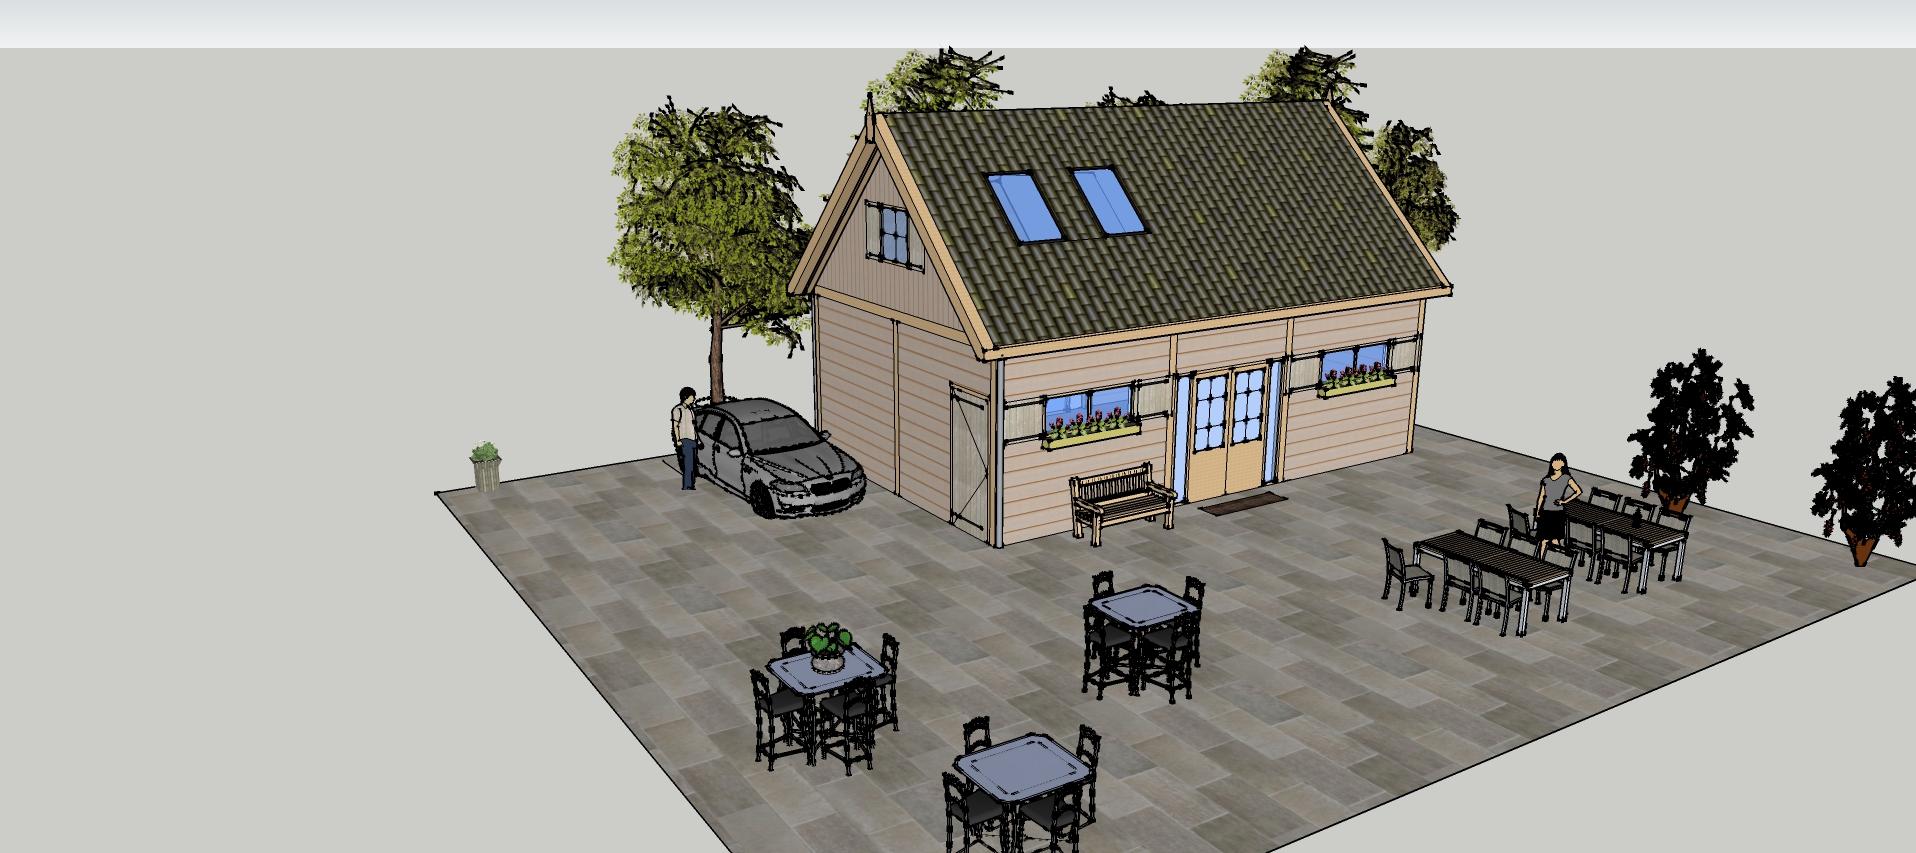 Ontwerp_Dinteloord_versie_4_1-6 - Prachtige larikshouten bijgebouw-Trainingsruimte in opdracht gekregen.